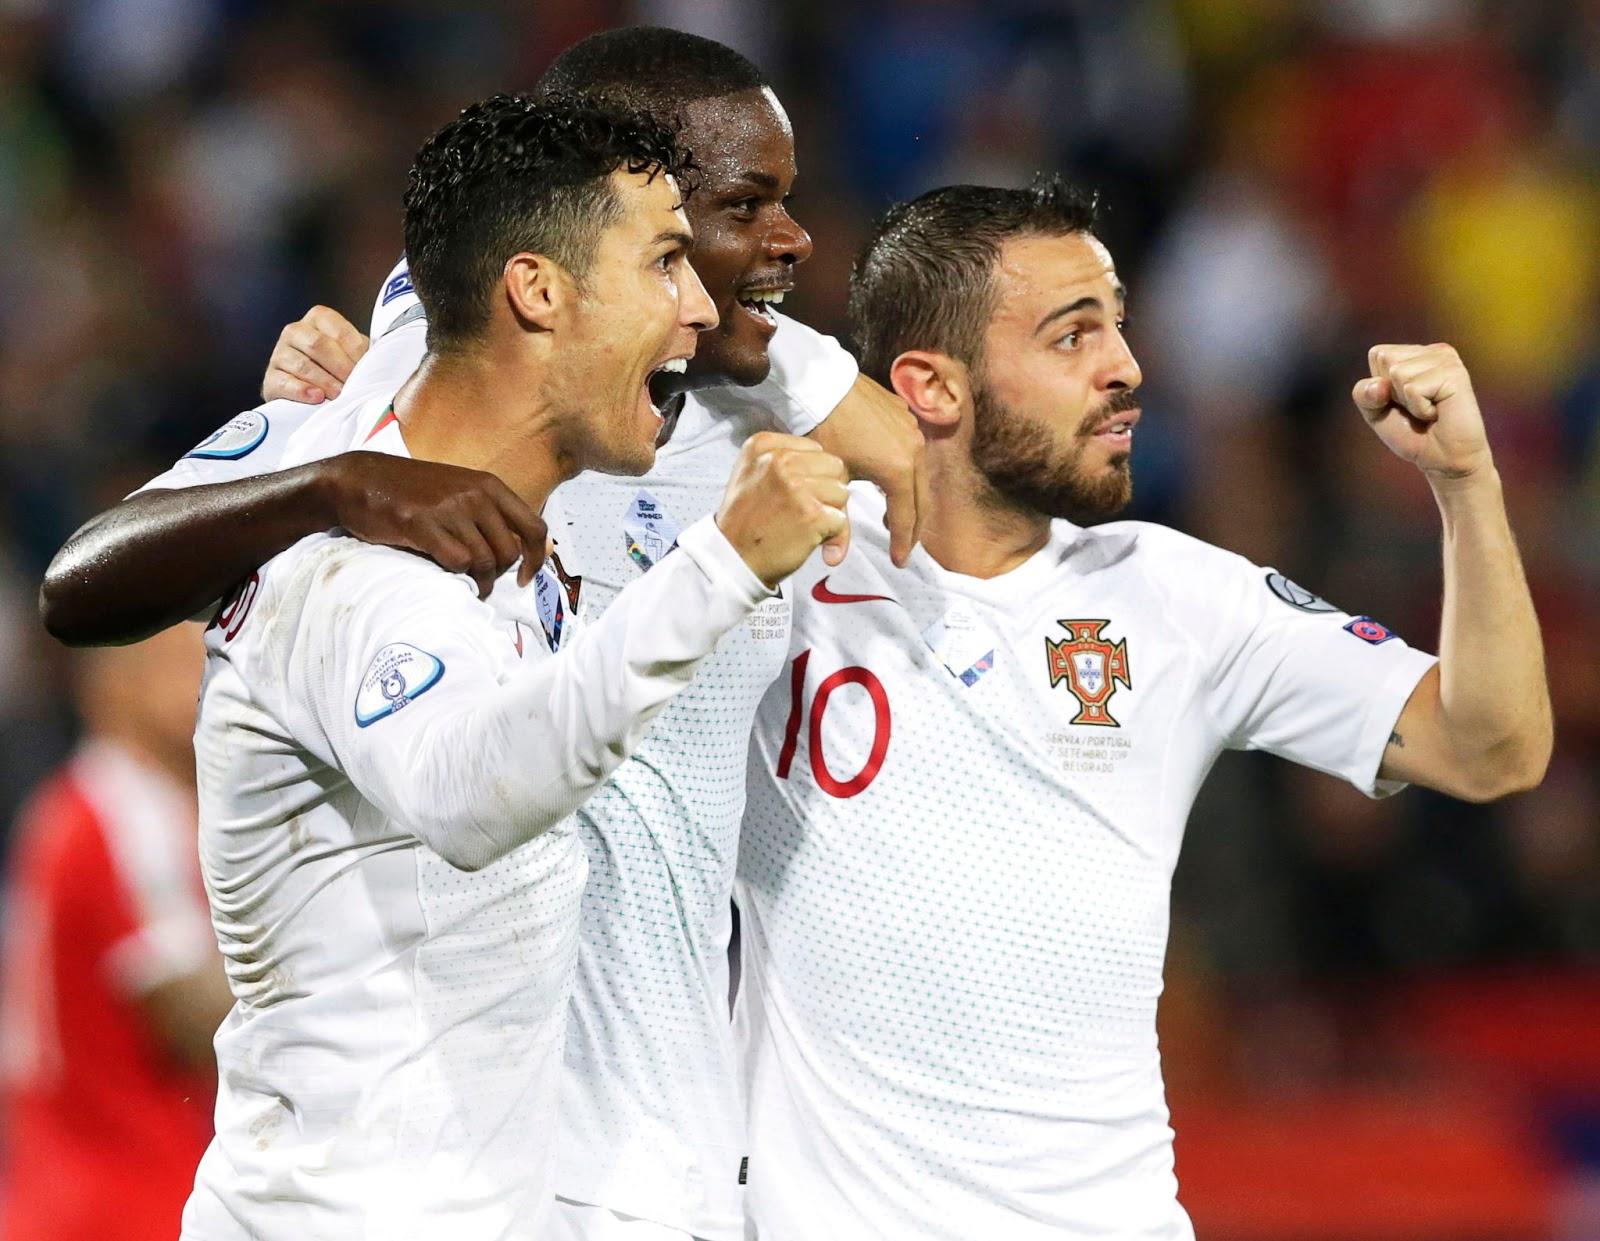 نتيجة مباراة البرتغال وصربيا بث مباشر اليوم 27 مارس 2021 تصفيات كأس العالم